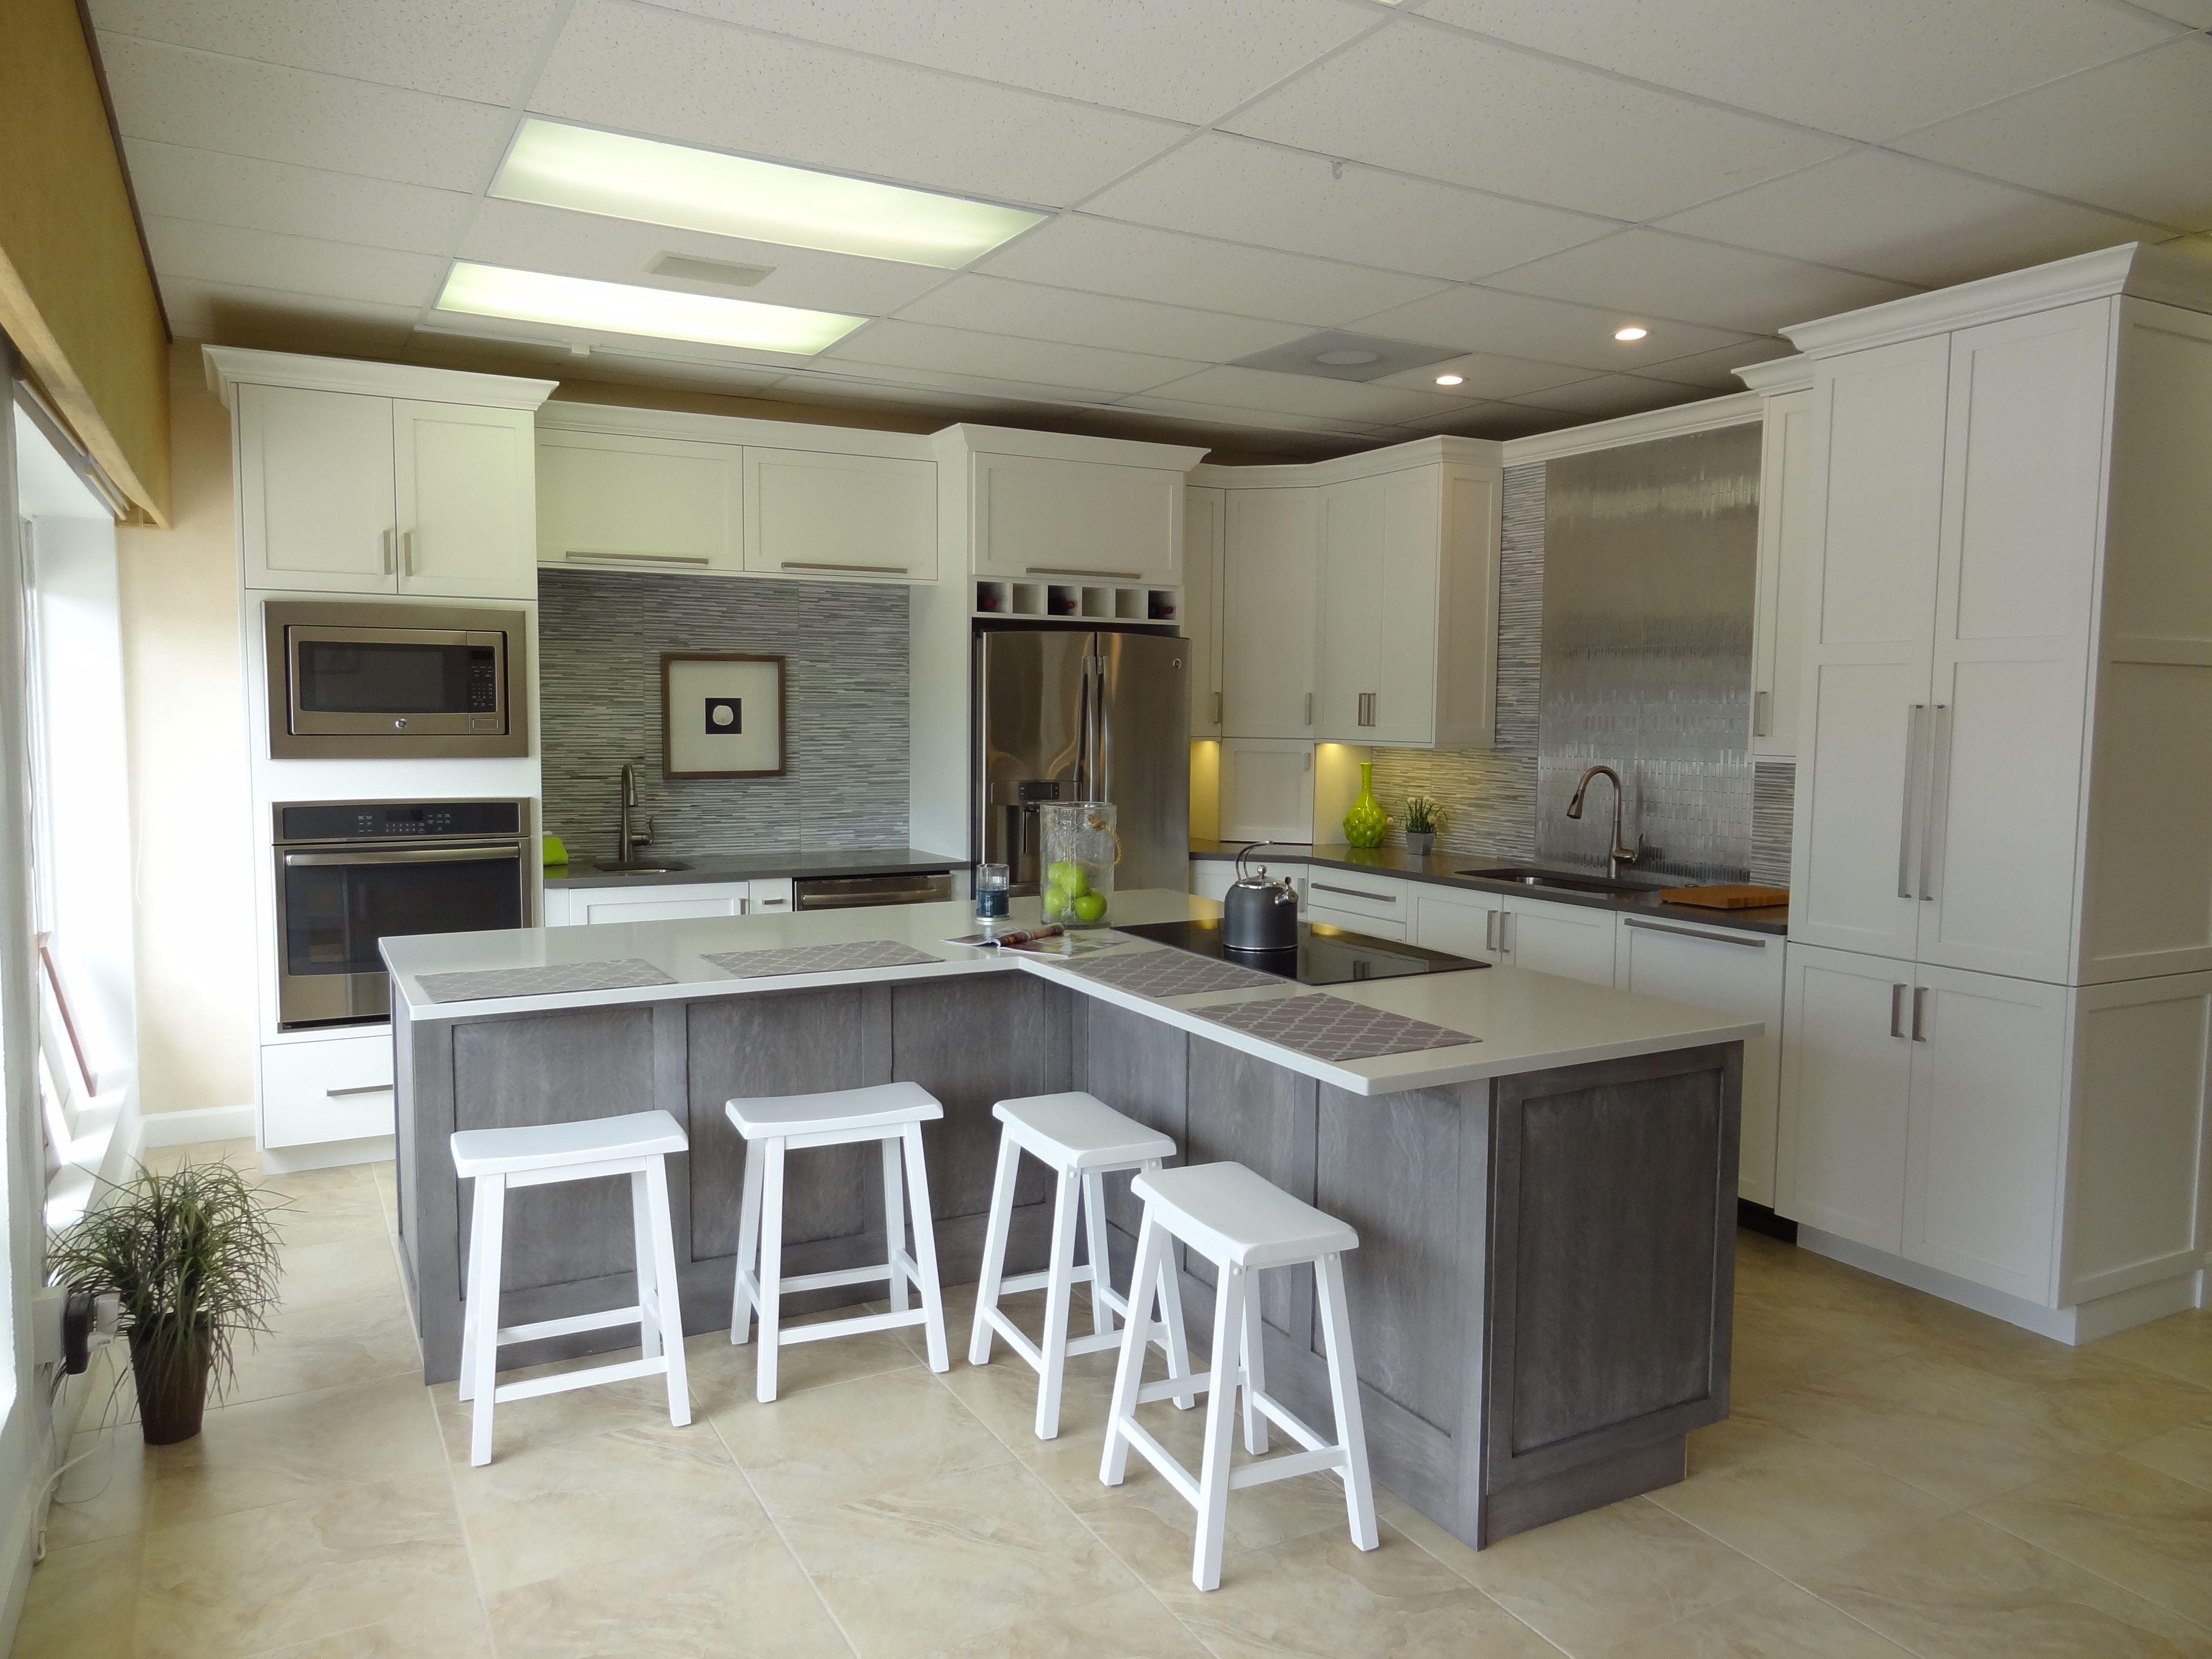 Woodharbor Designer White Kitchen Silverwood Island Alley Design To